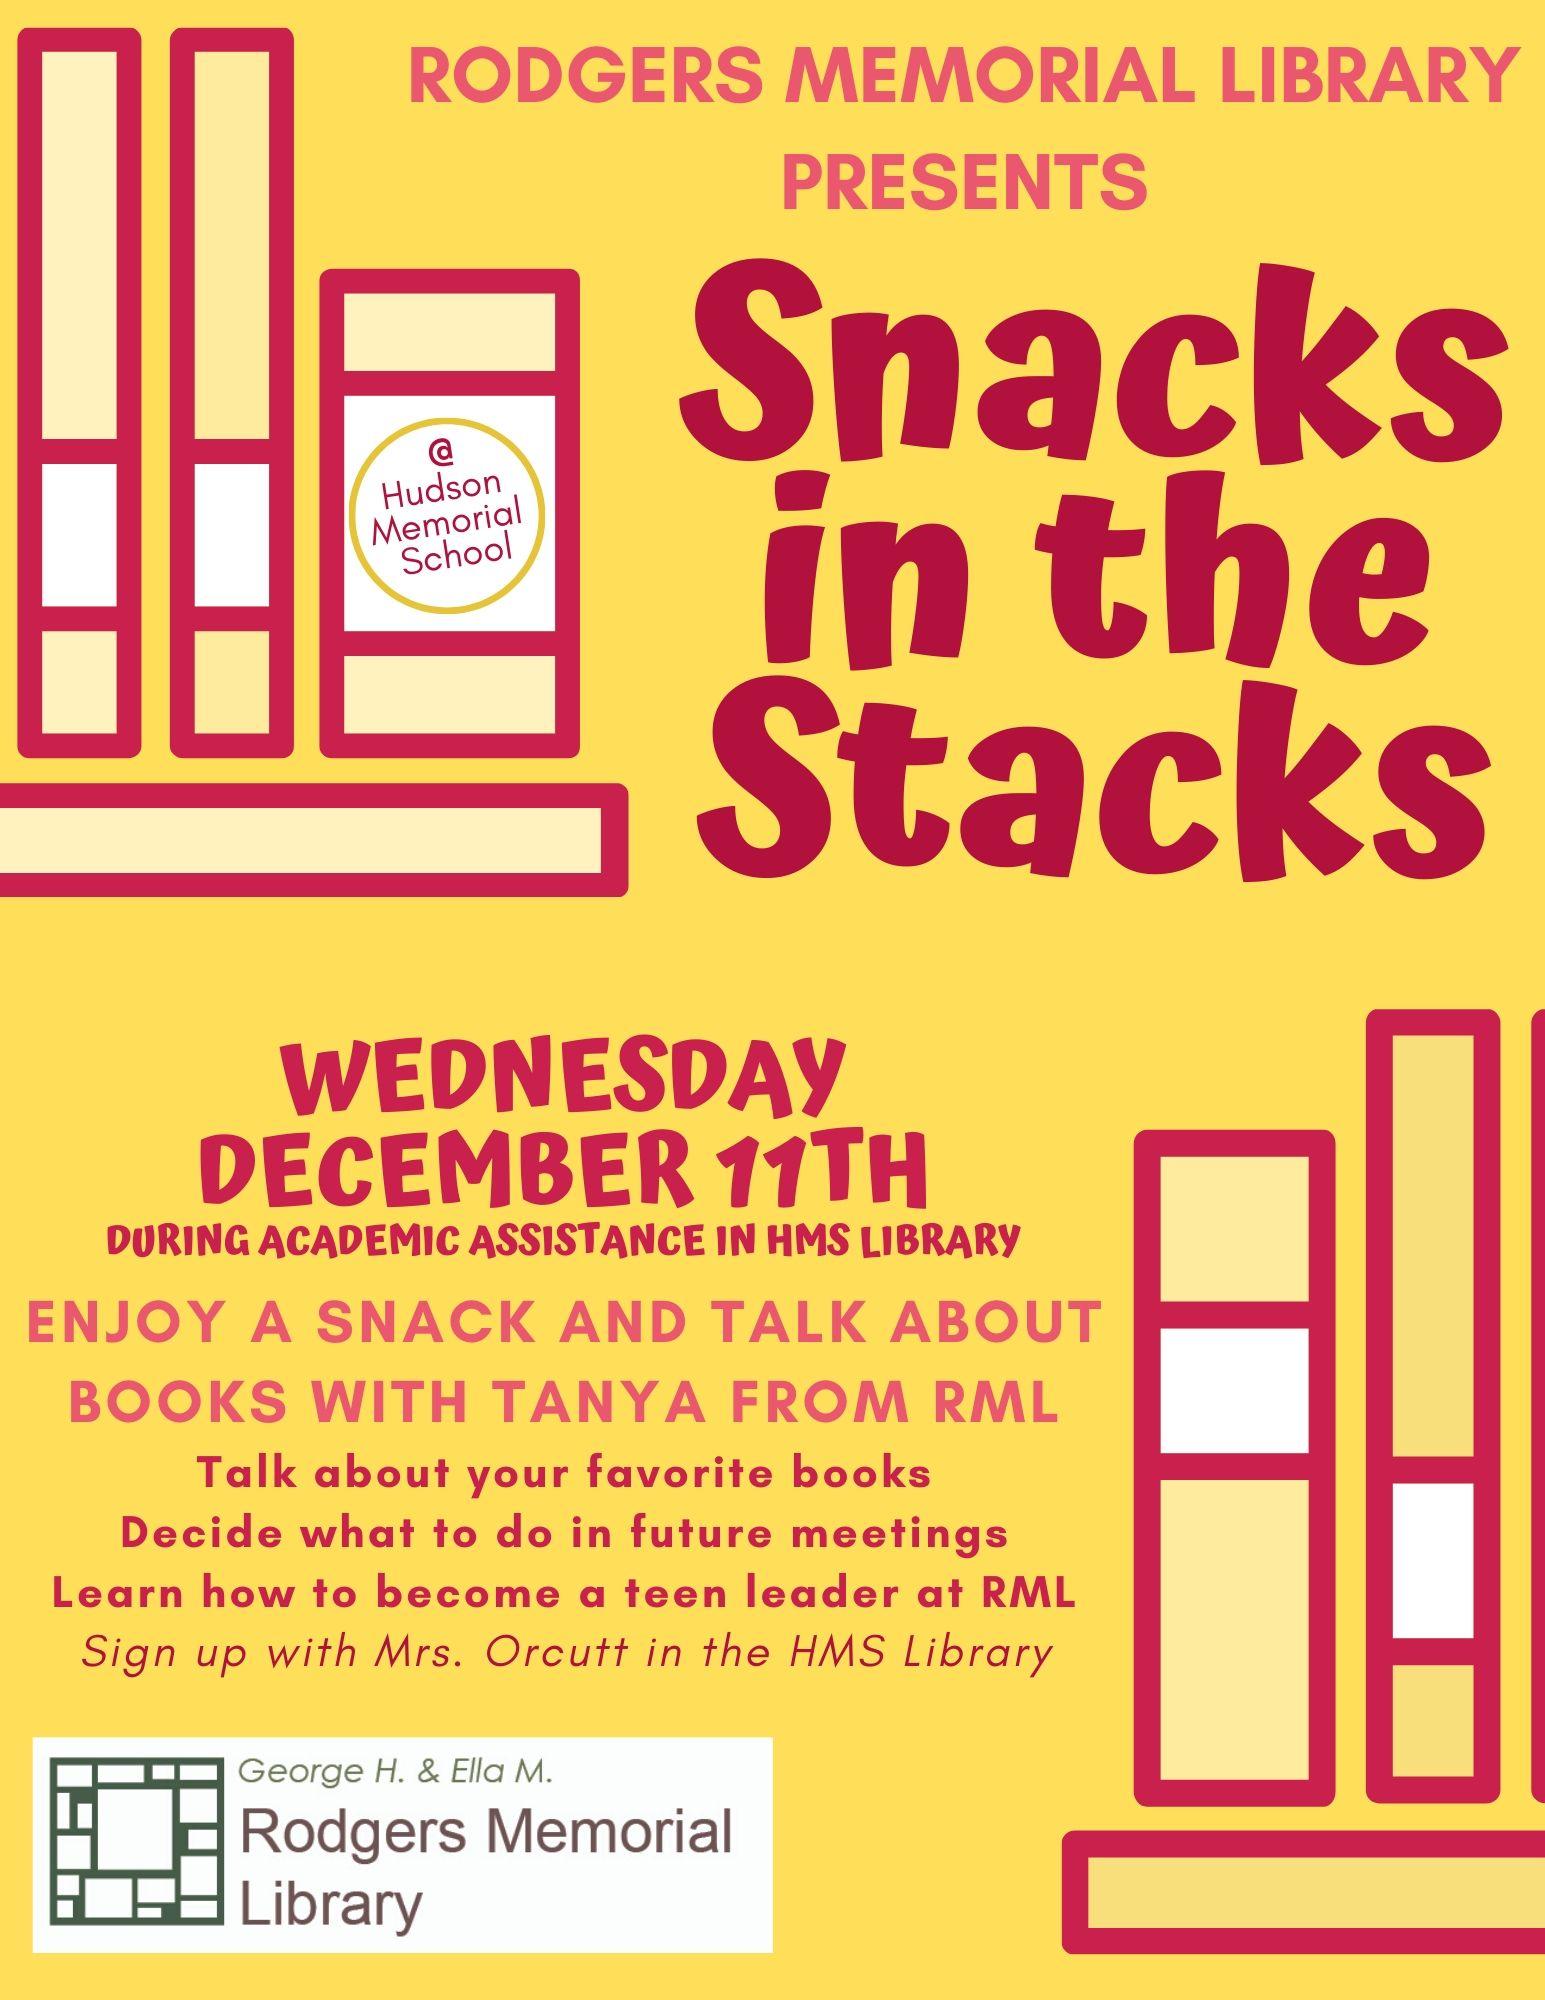 Snacks in the Stacks @ HMS